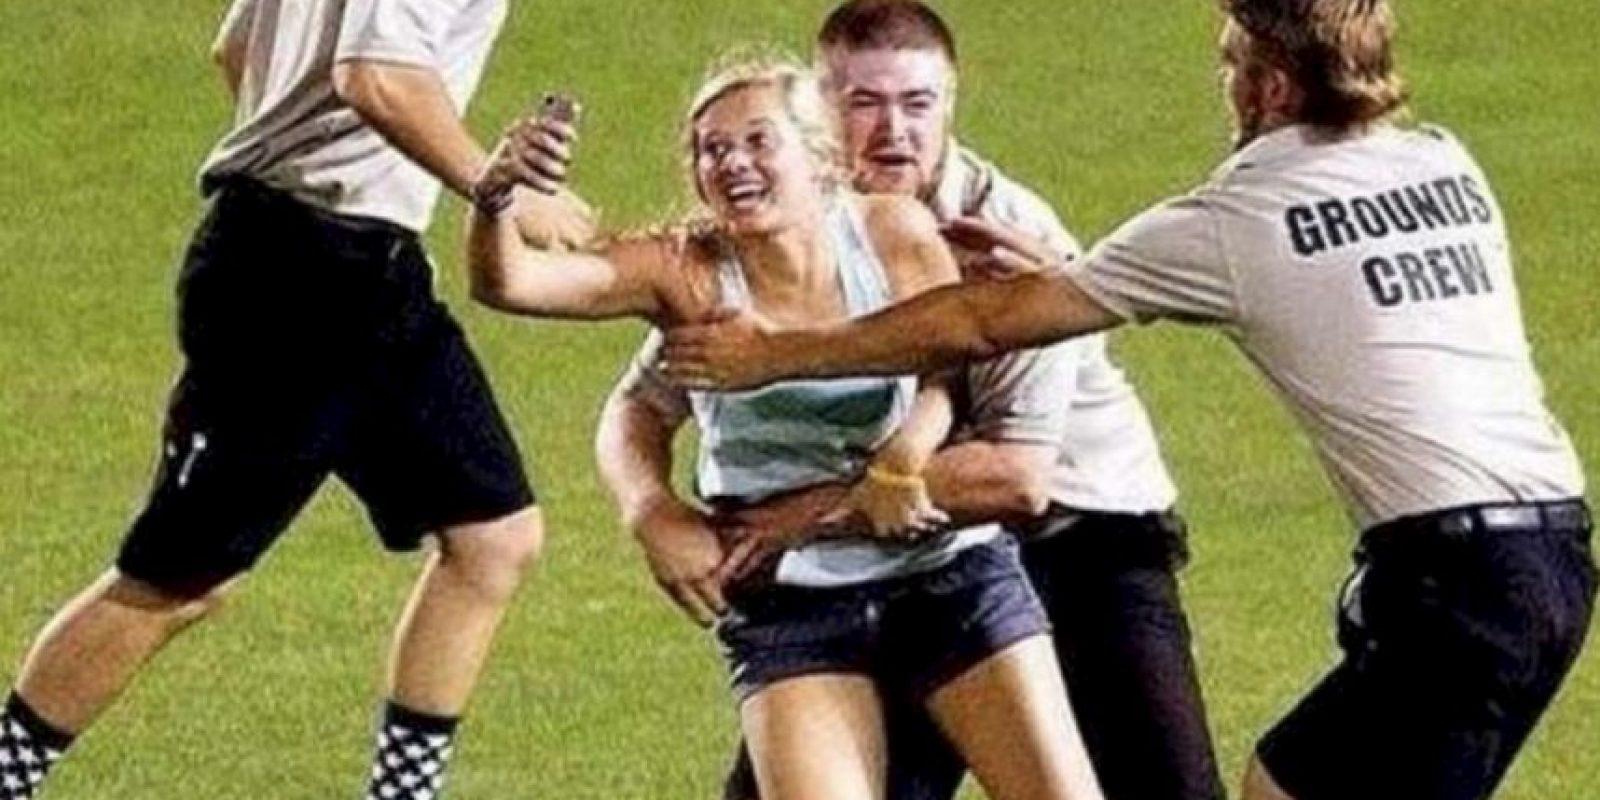 1. La groupie deportiva: Kayleigh Hill se tomó el selfie más gracioso de esta lista durante la Serie Mundial Universitaria. Una foto para el recuerdo. Foto:Twitter